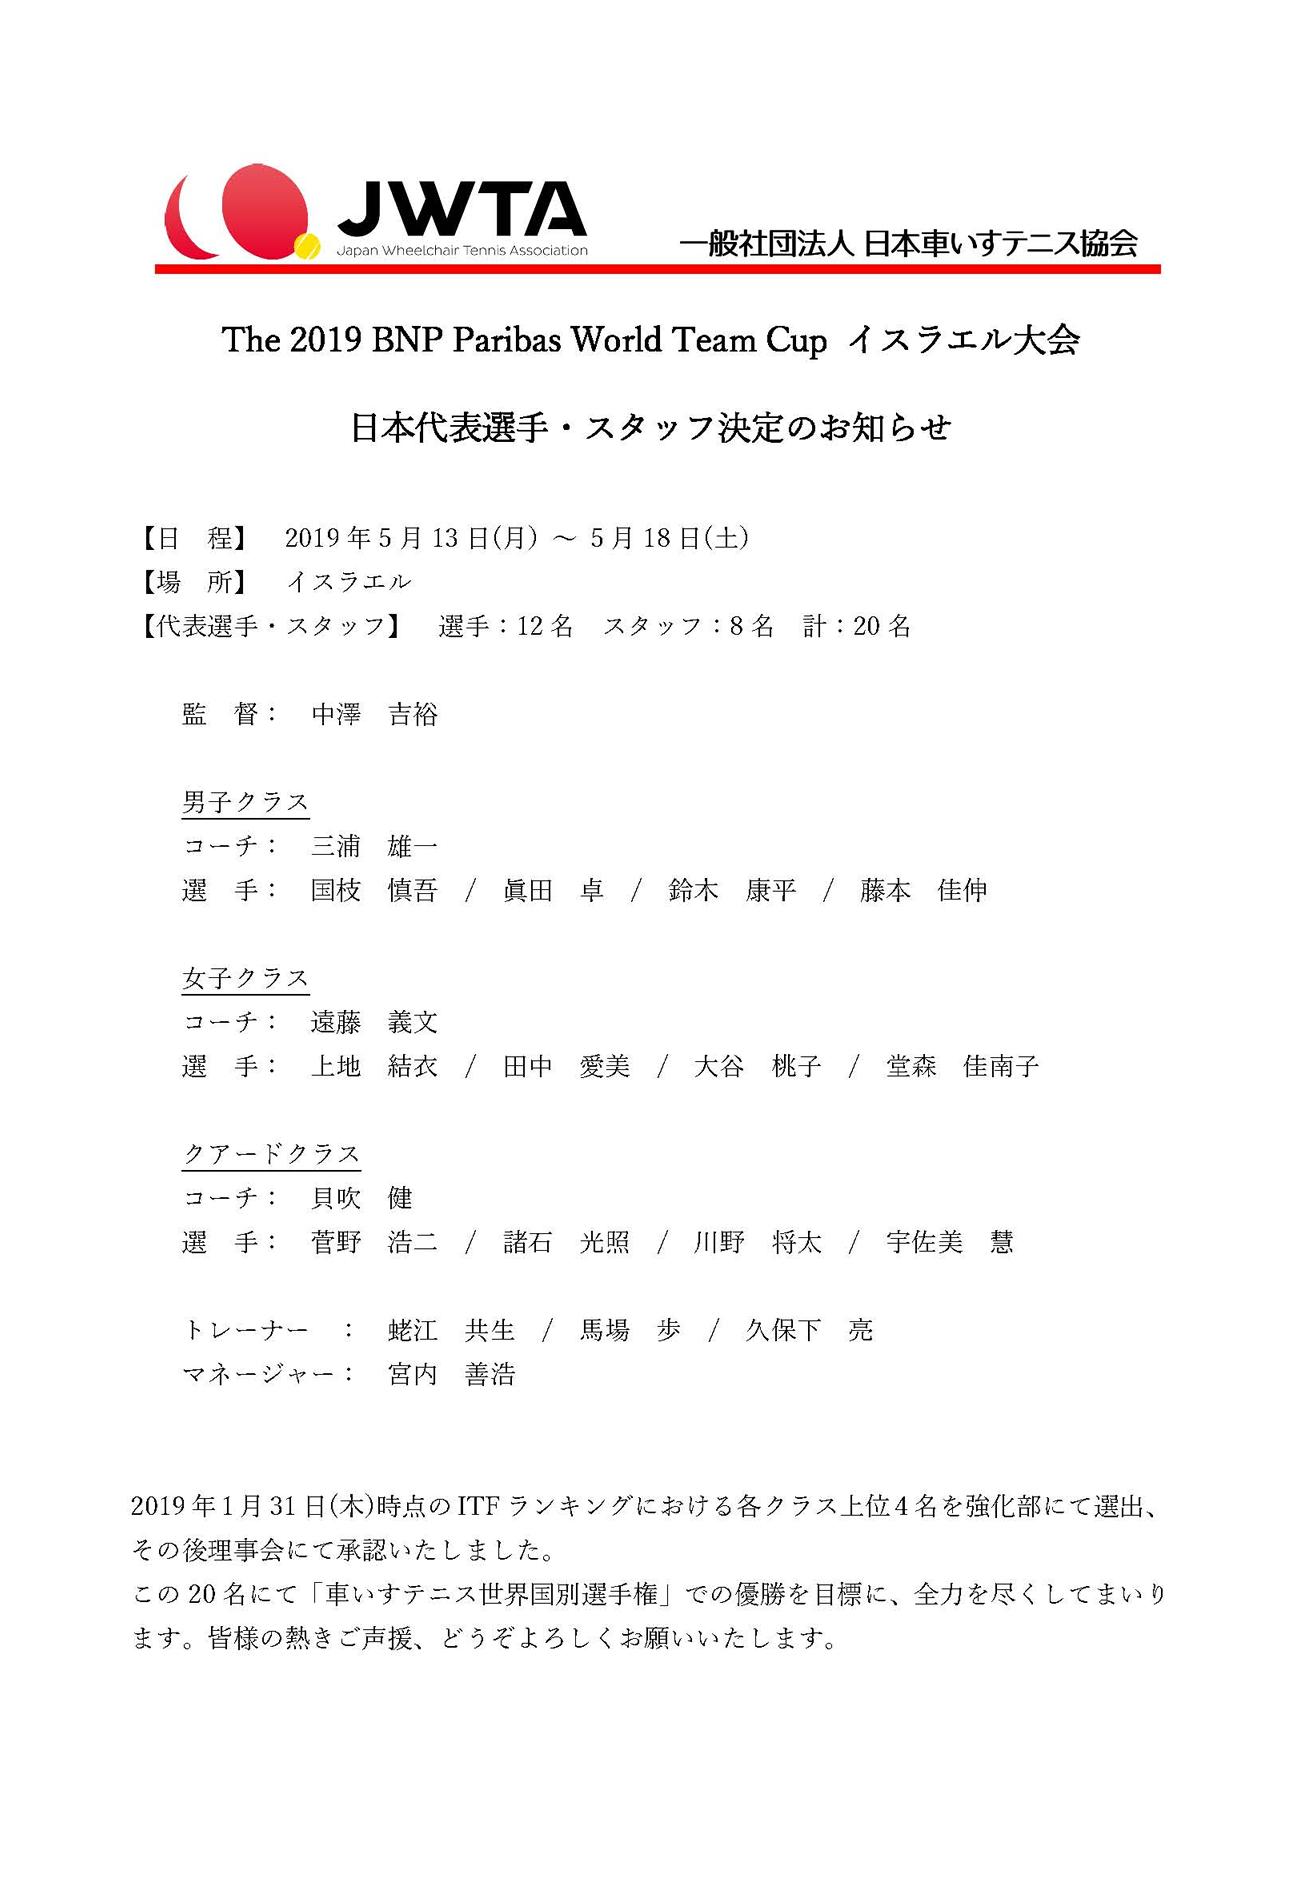 The 2019 BNP Paribas World Team Cup イスラエル大会_日本代表選手・スタッフ決定のお知らせ